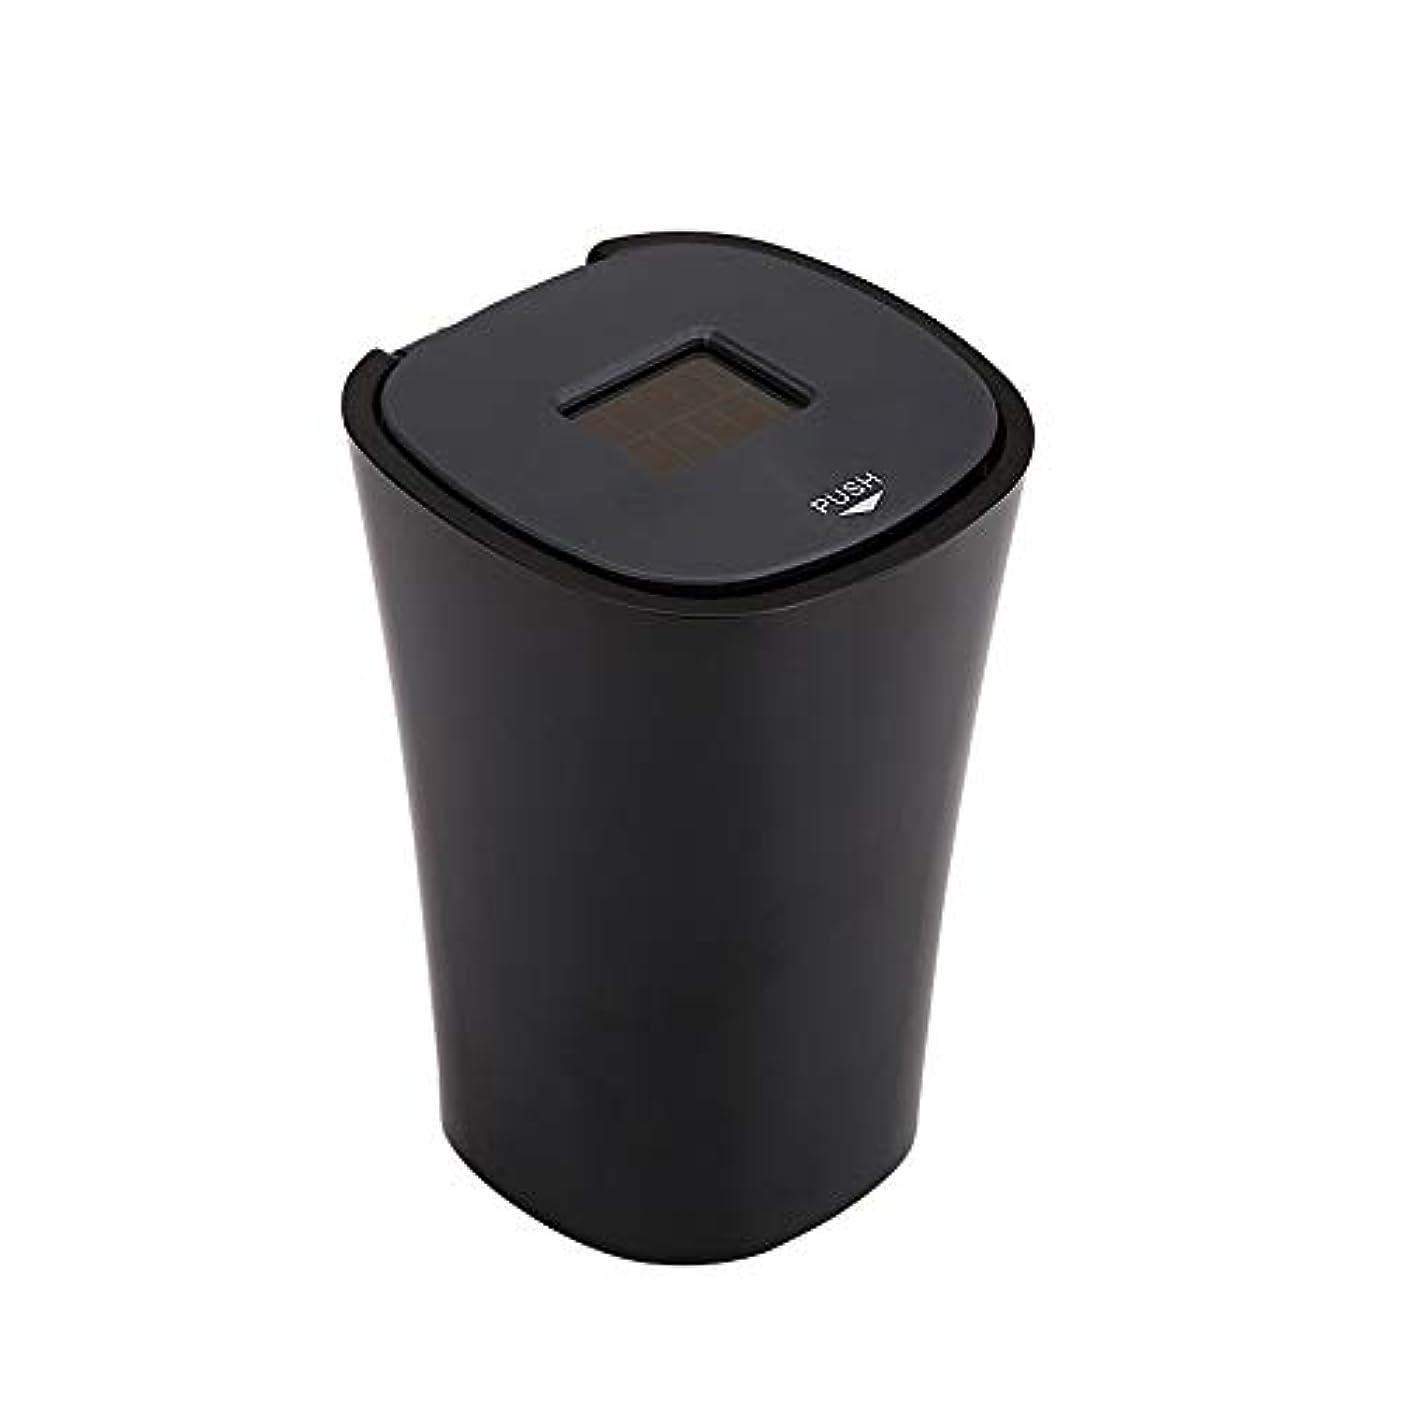 レーザ失敗殺人LEDライト付きカー灰皿多機能ユニバーサルクリエイティブカー灰皿個性は車の用品をカバー